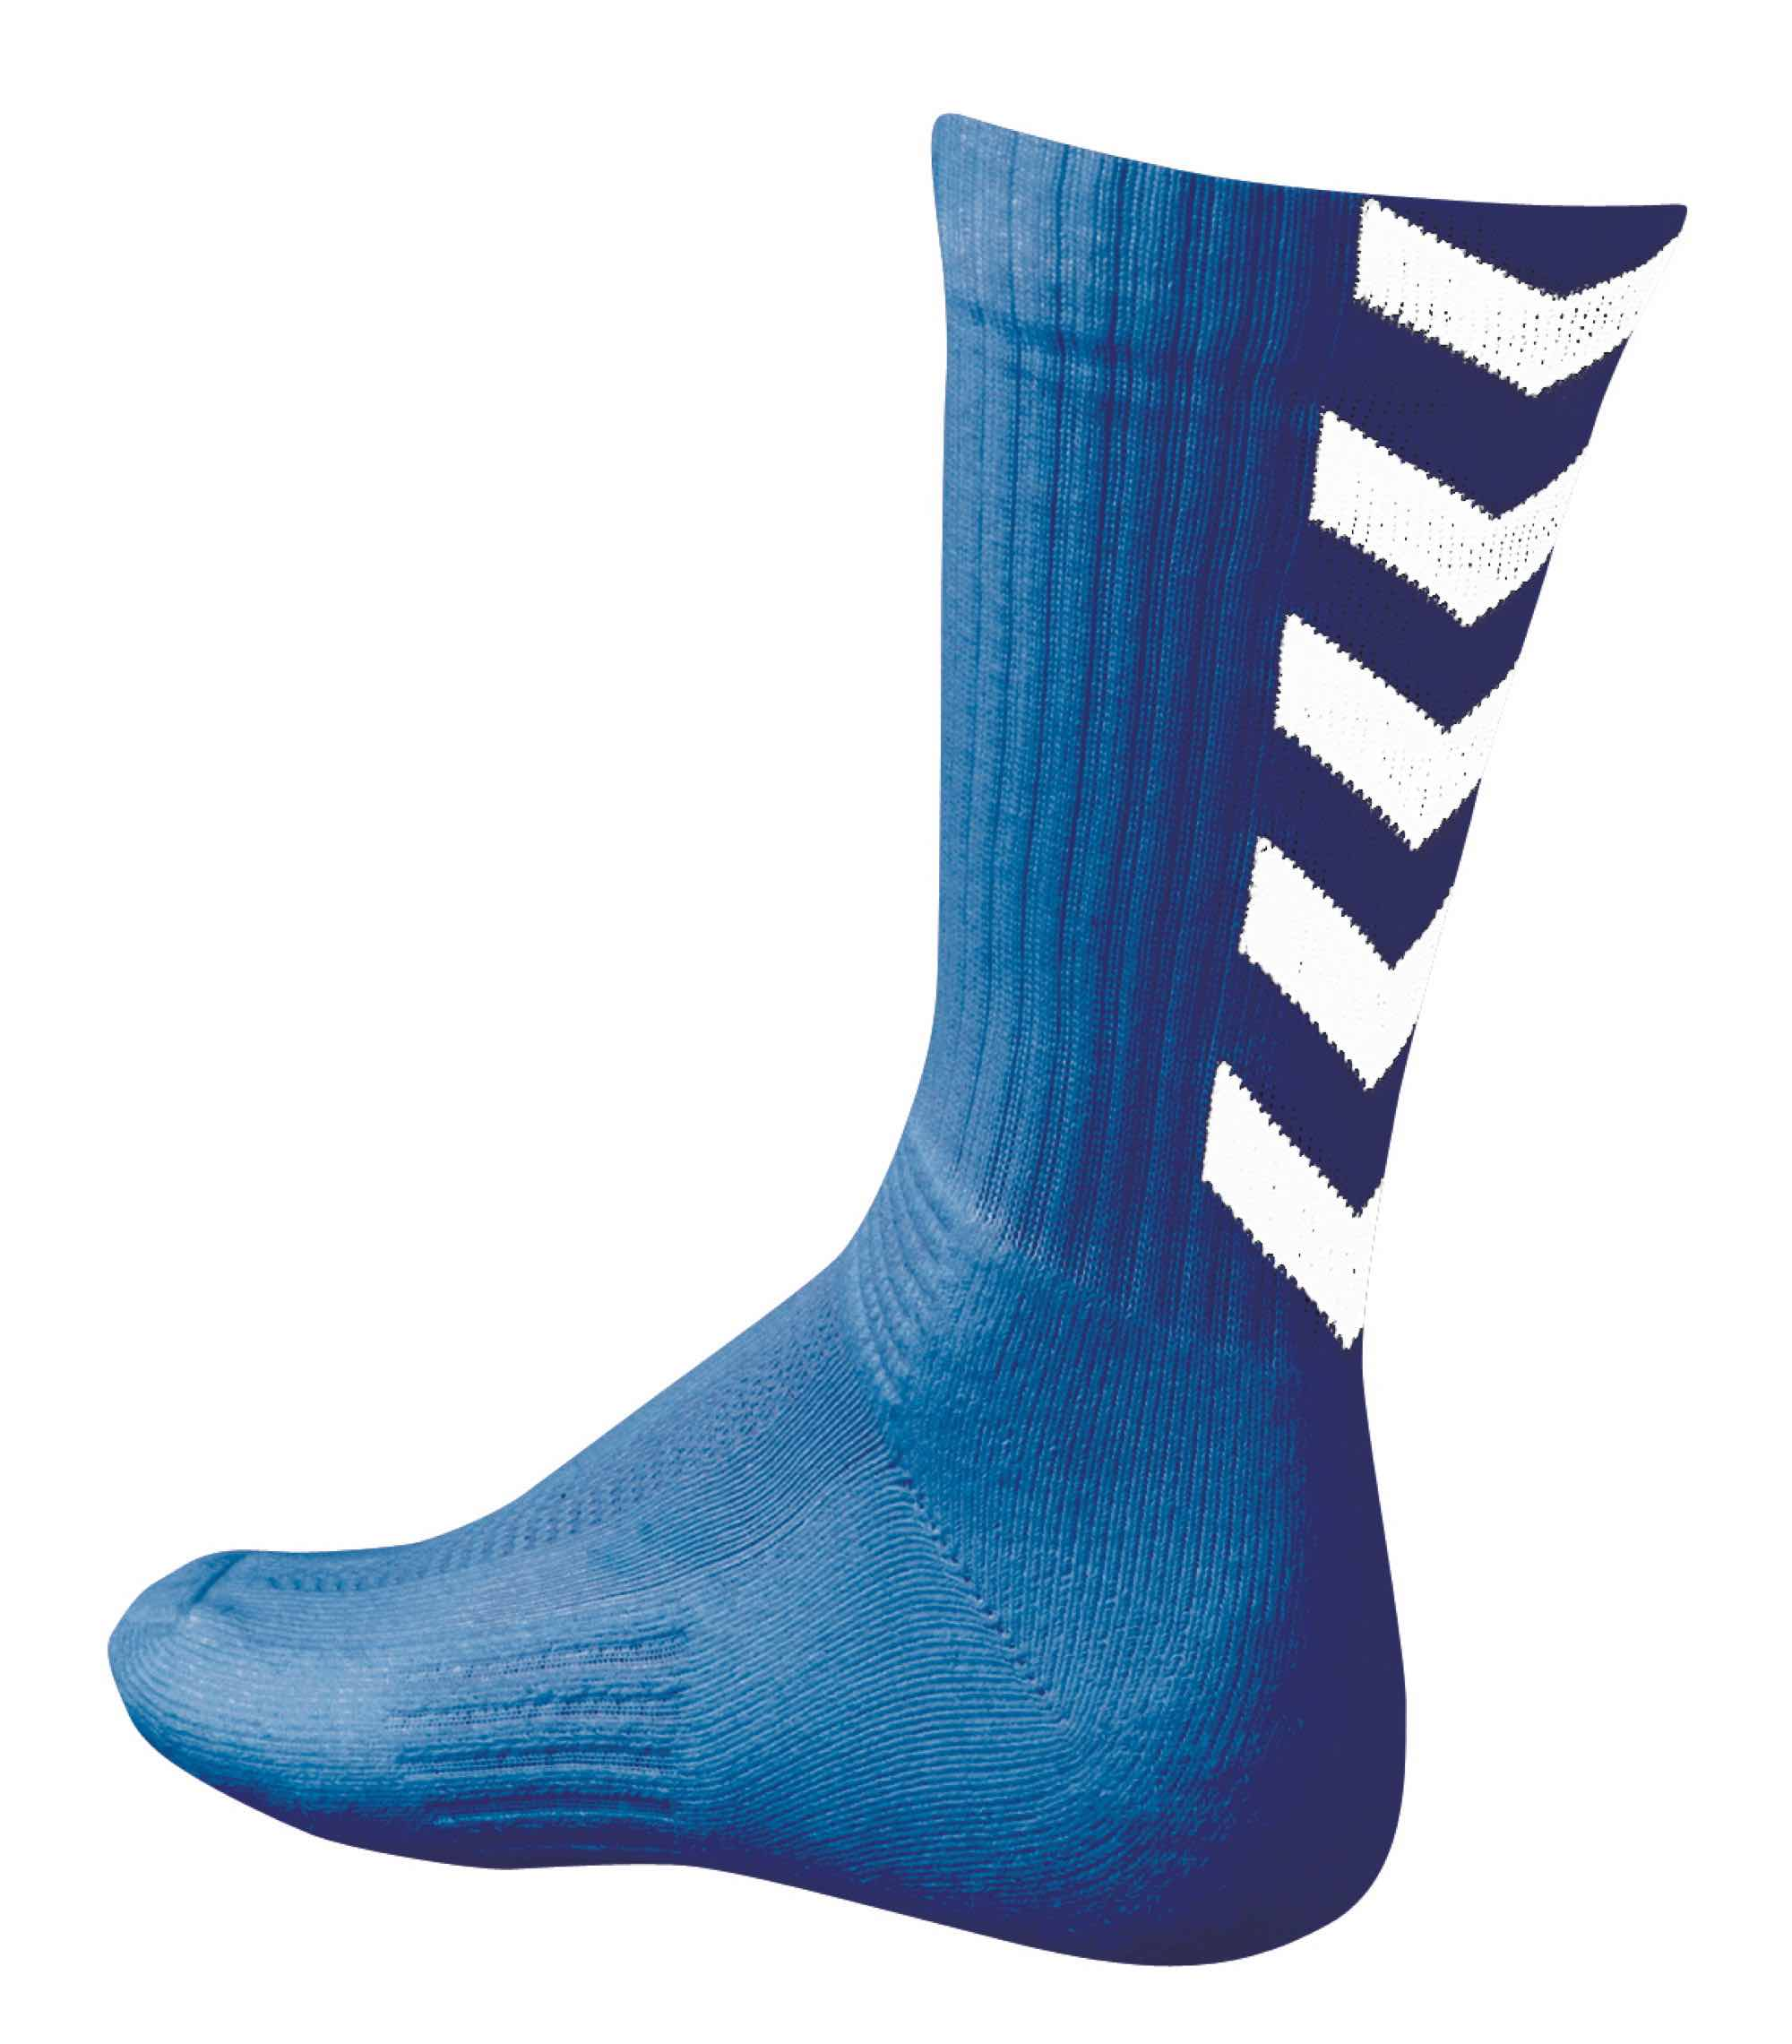 chaussettes-hummel-bleues